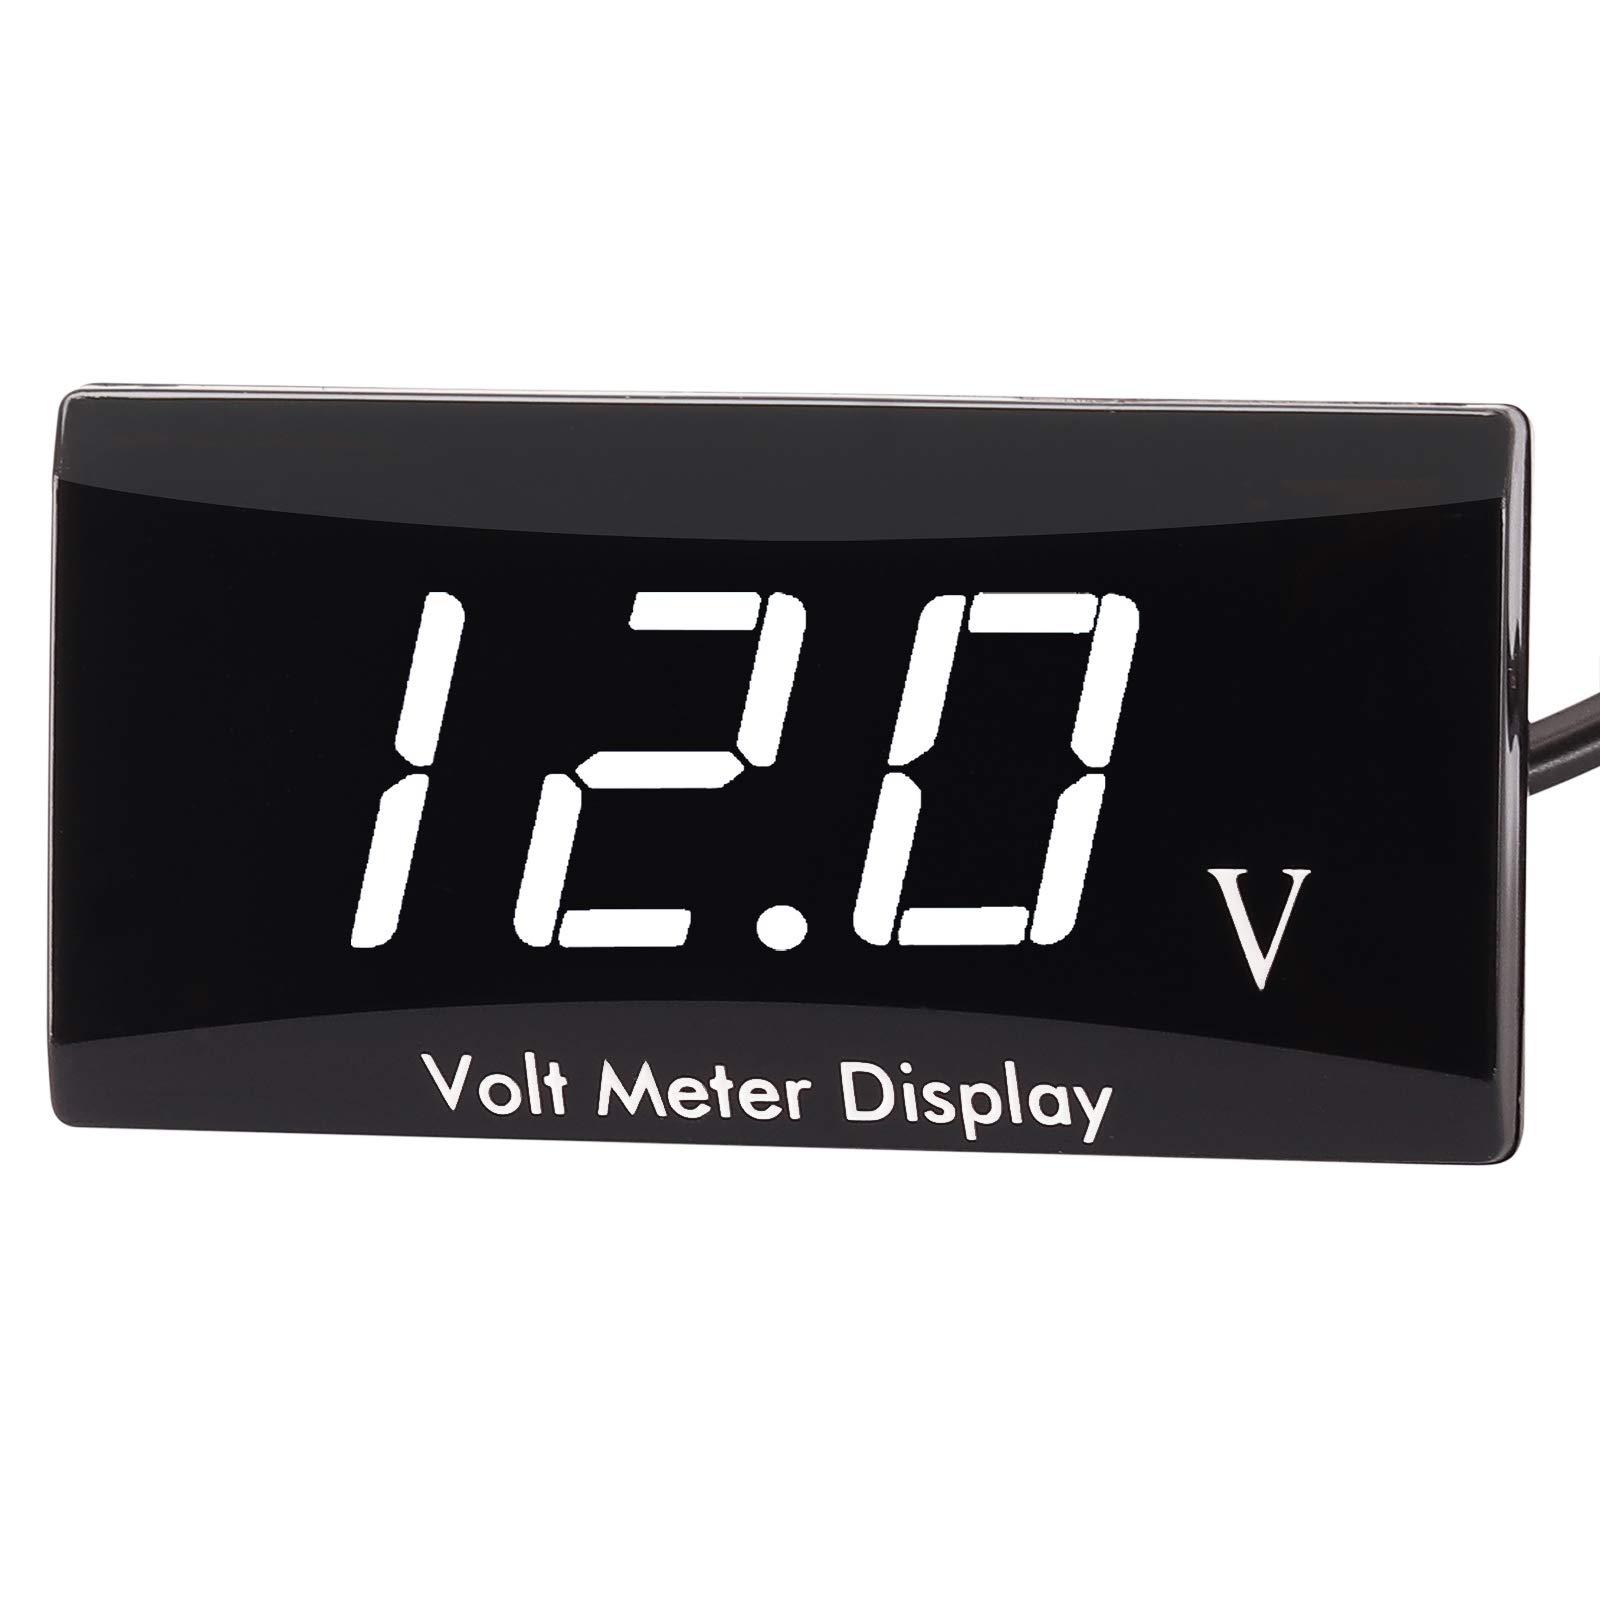 [Upgraded Version] Kinstecks Motorcycle Voltmeter DC 12V Digital Voltmeter Gauge LED Display Voltage Meter for Motorcycle Car Battery Voltage Monitor-White